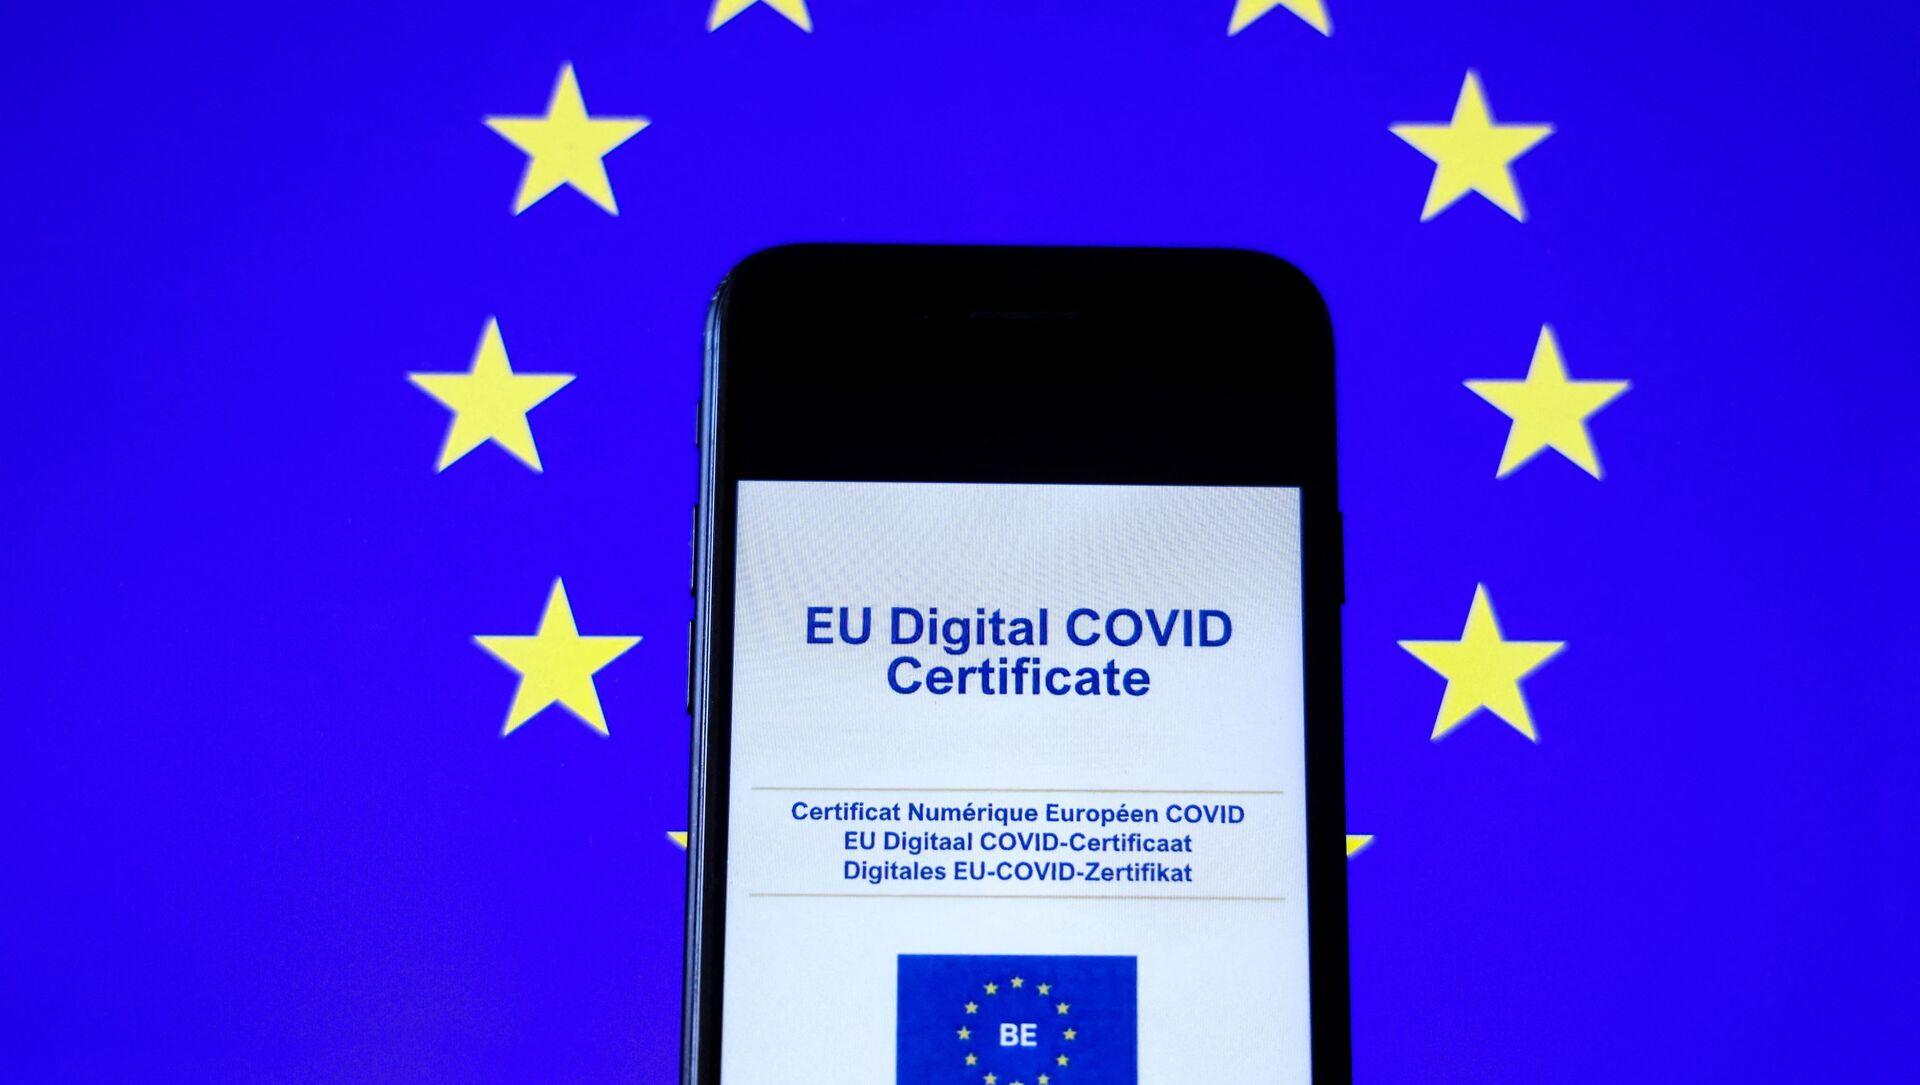 Certificat Covid numérique européen - Sputnik France, 1920, 17.08.2021